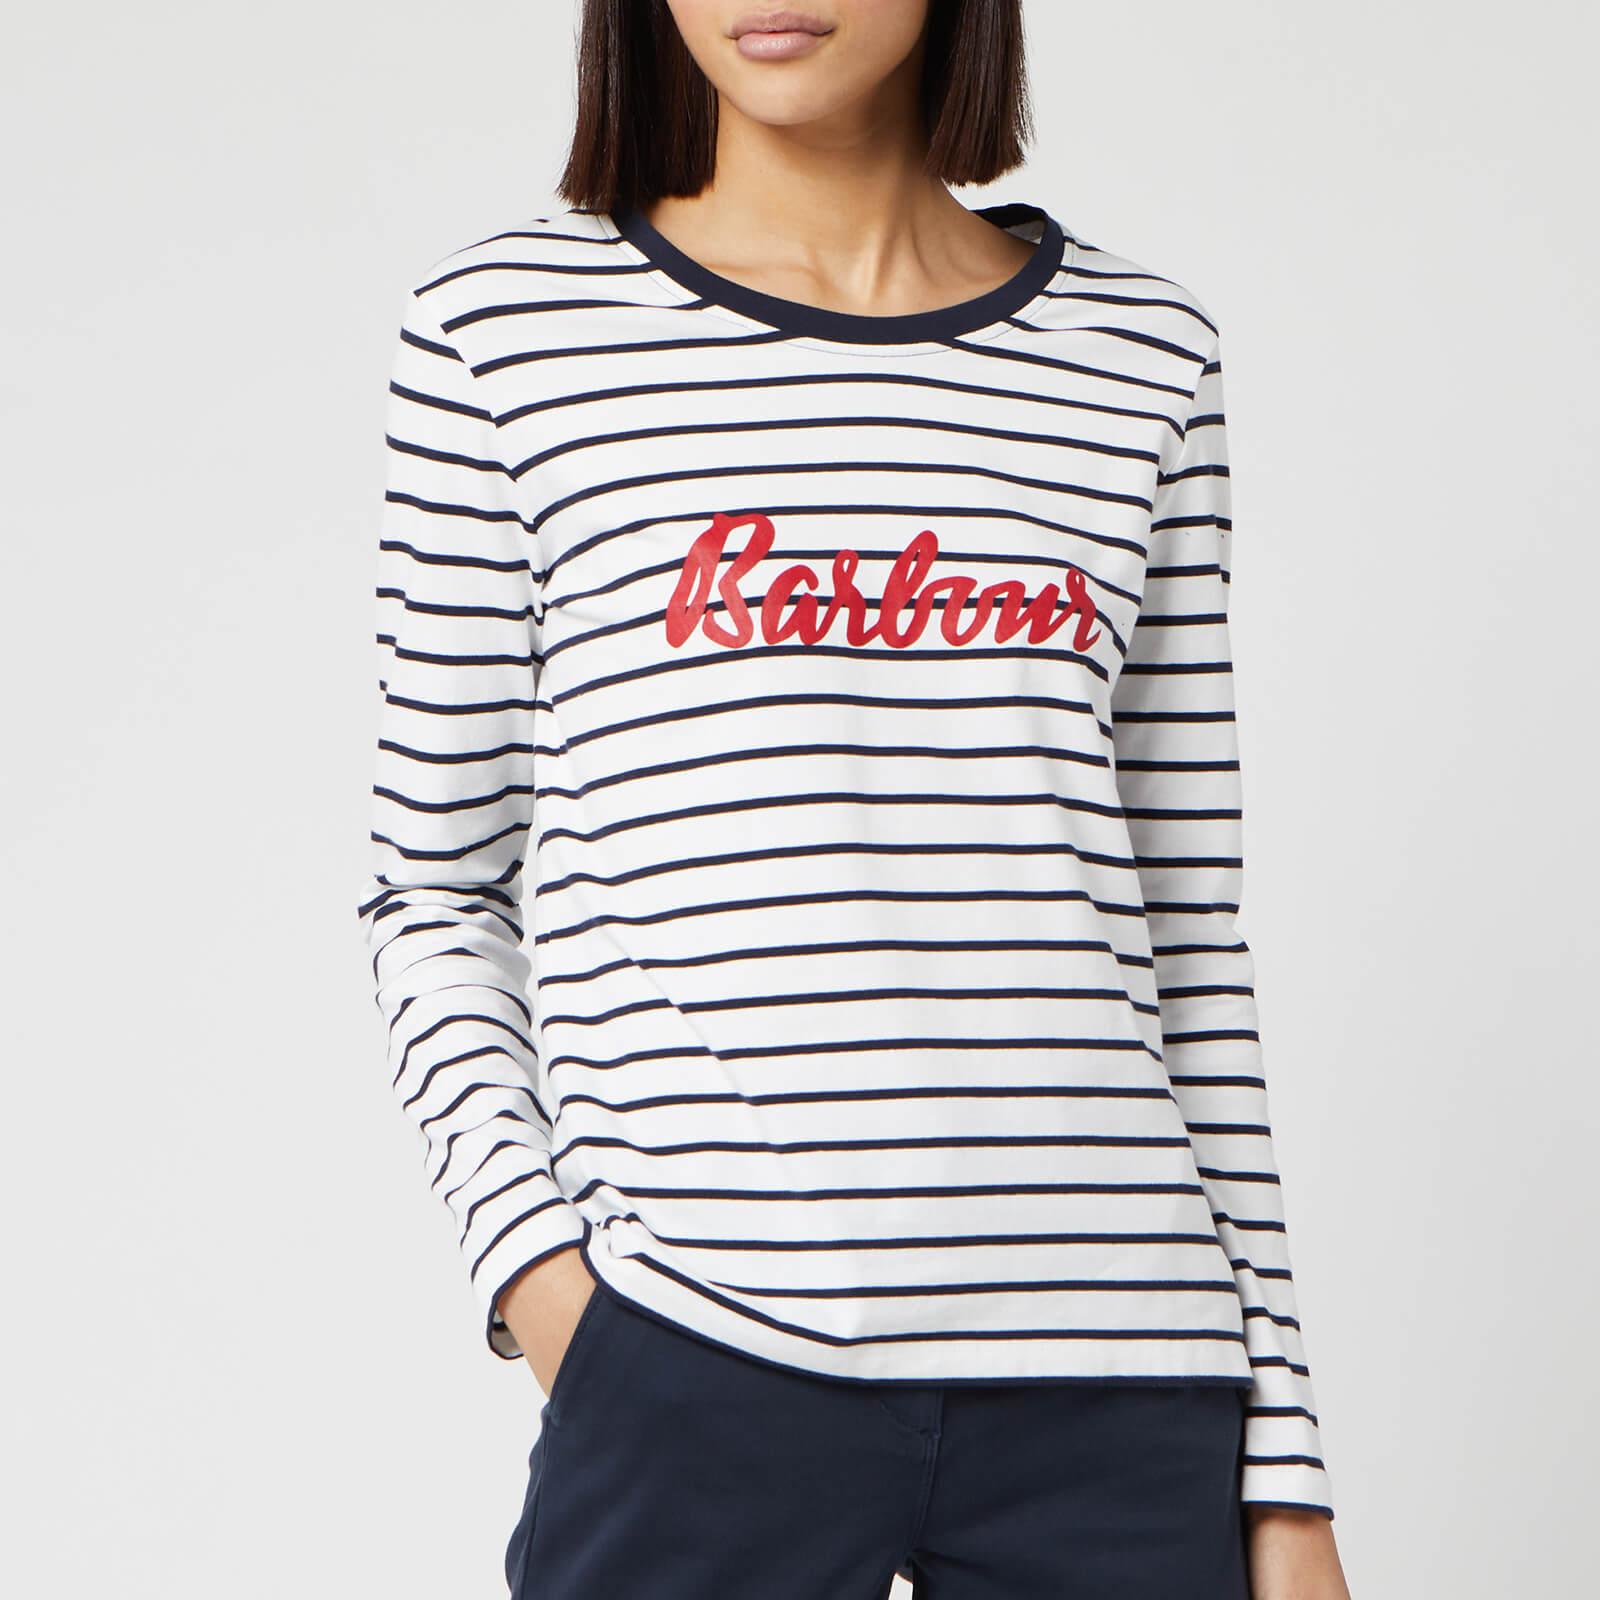 Barbour Women's Kielder Short Sleeve T-Shirt - White/Navy - UK 8